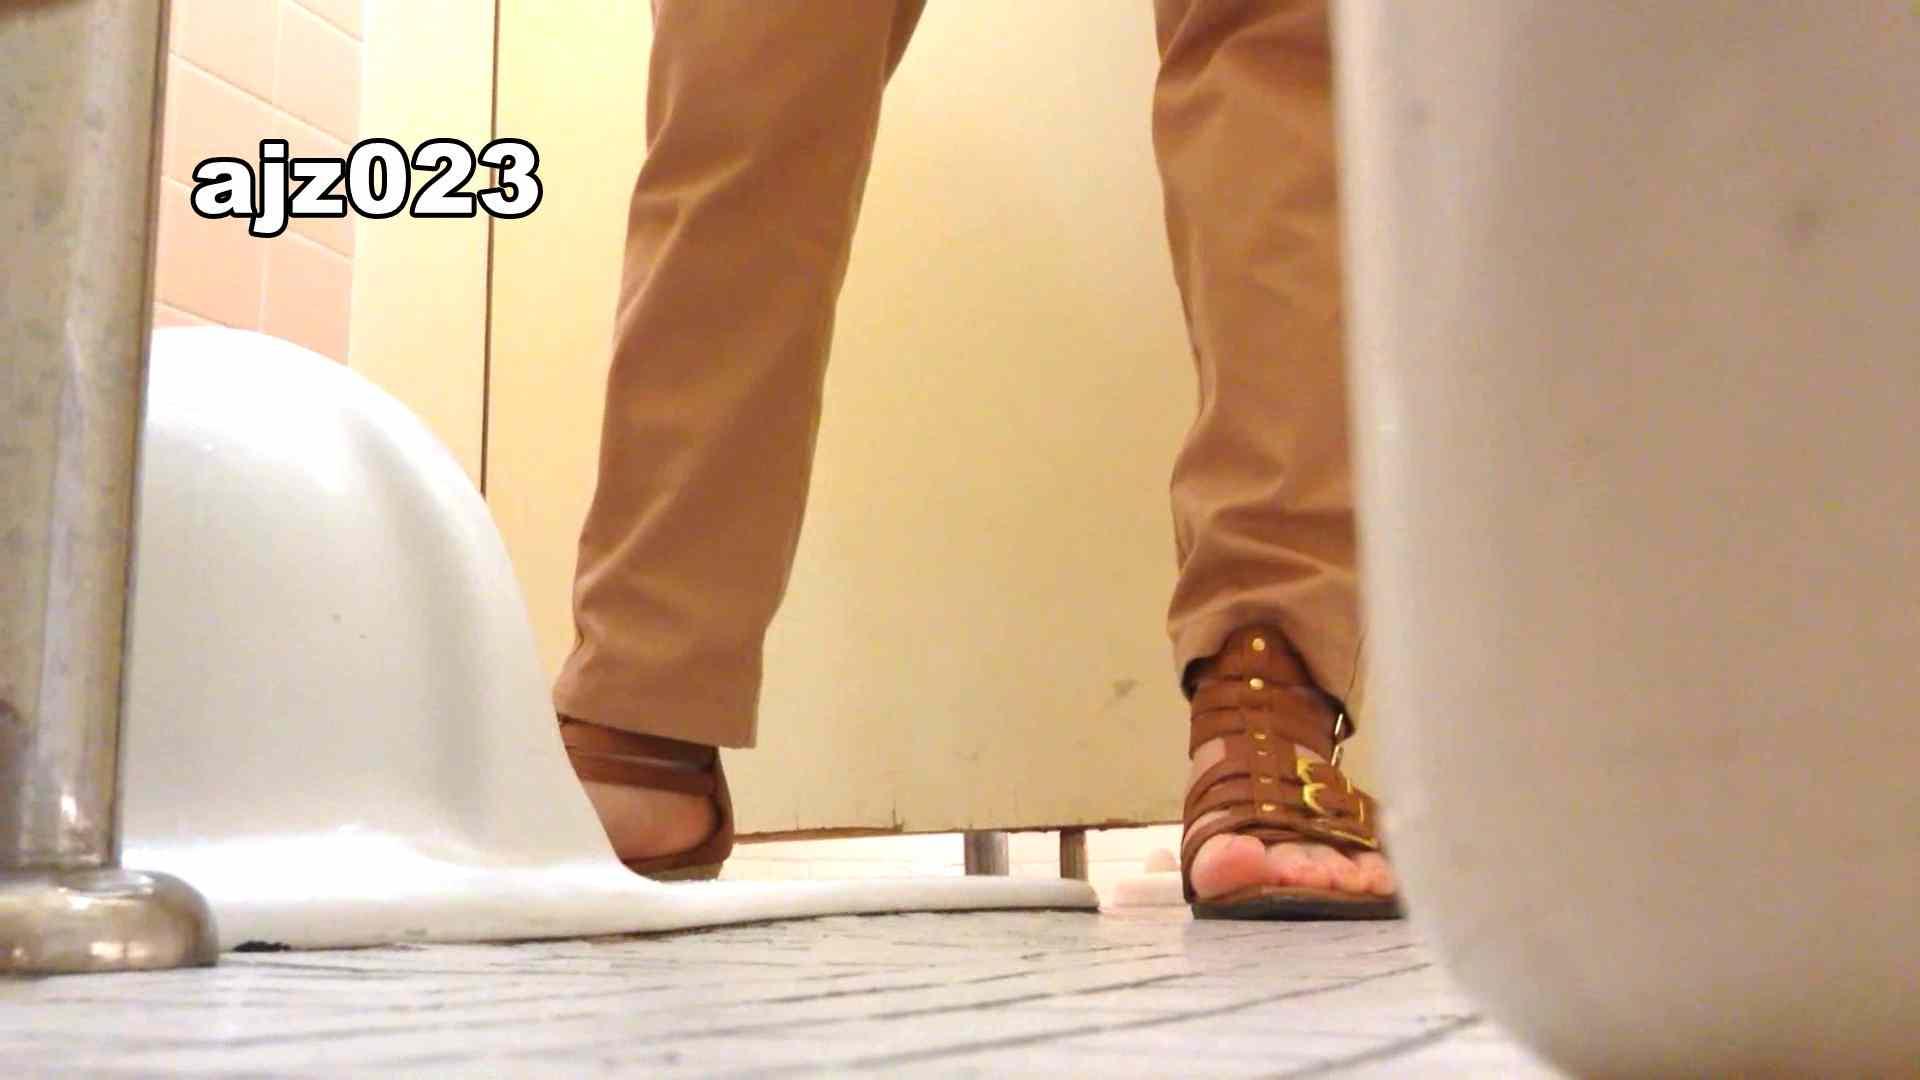 某有名大学女性洗面所 vol.23 投稿 オマンコ無修正動画無料 52pic 16